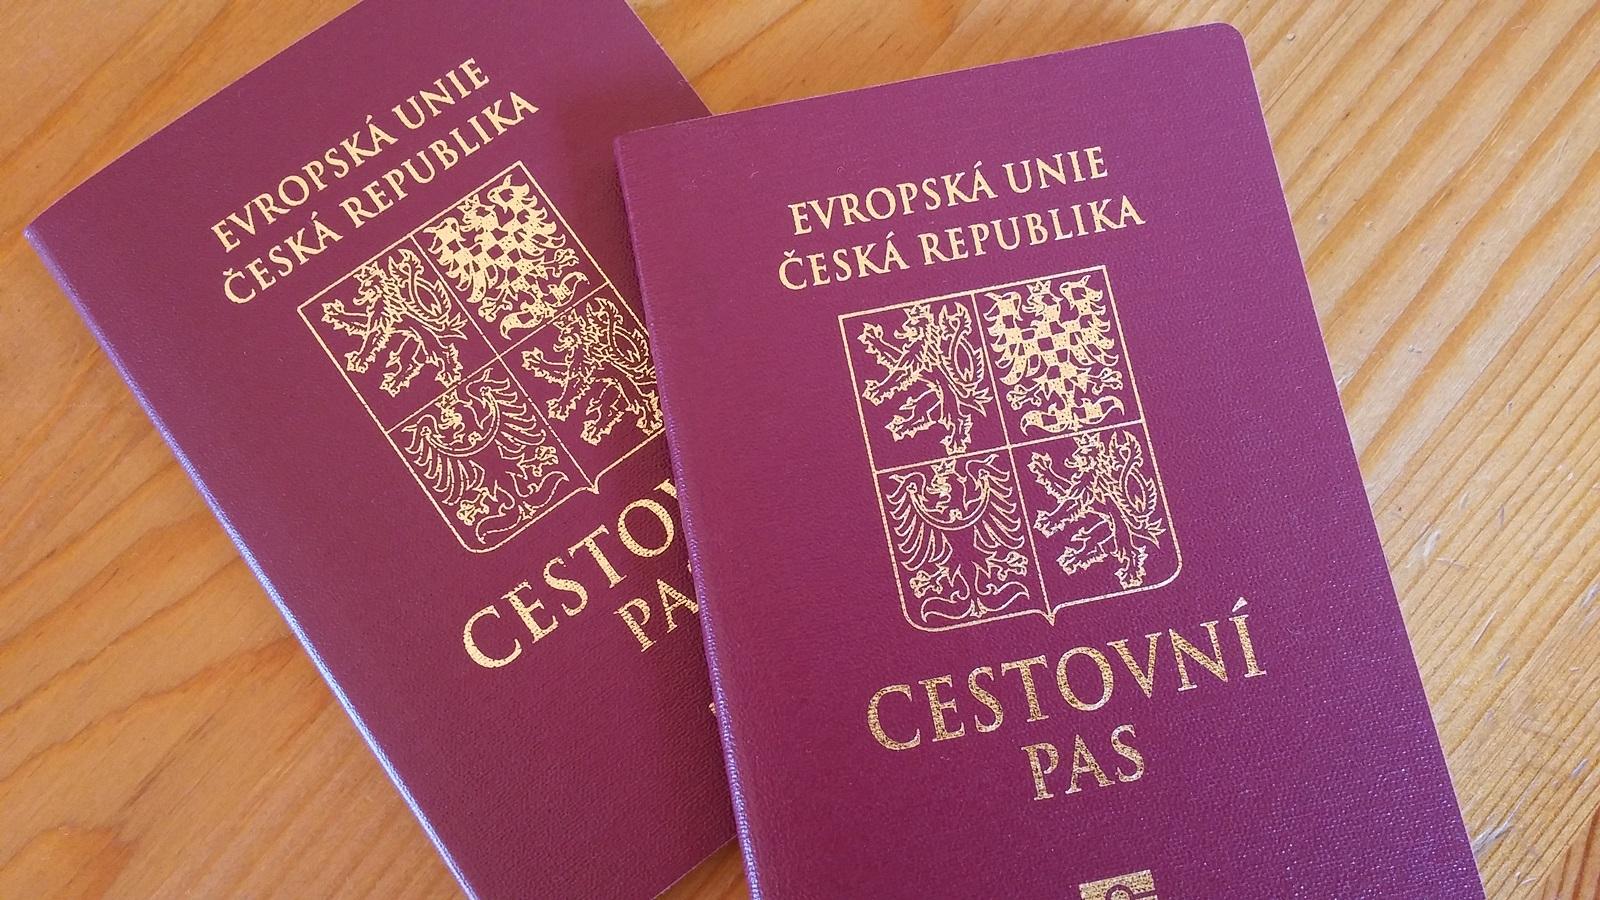 Чехія має намір спростити процедуру отримання громадянства закарпатцями